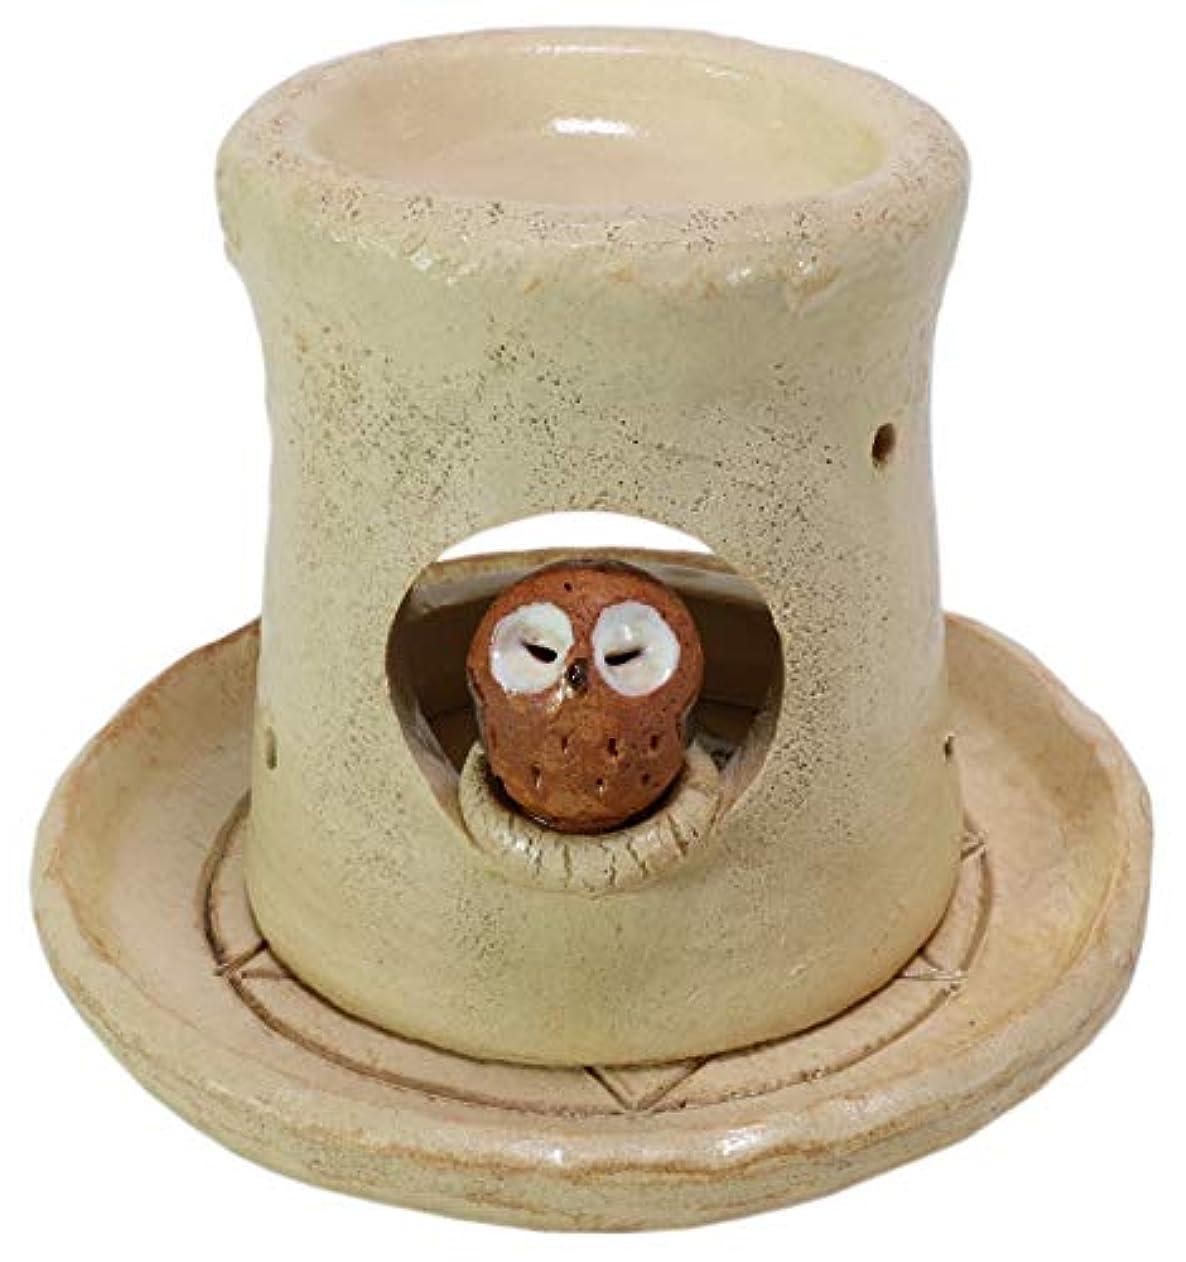 スクレーパー脱走してはいけません香炉 フクロウ 茶香炉 [H14cm] HANDMADE プレゼント ギフト 和食器 かわいい インテリア